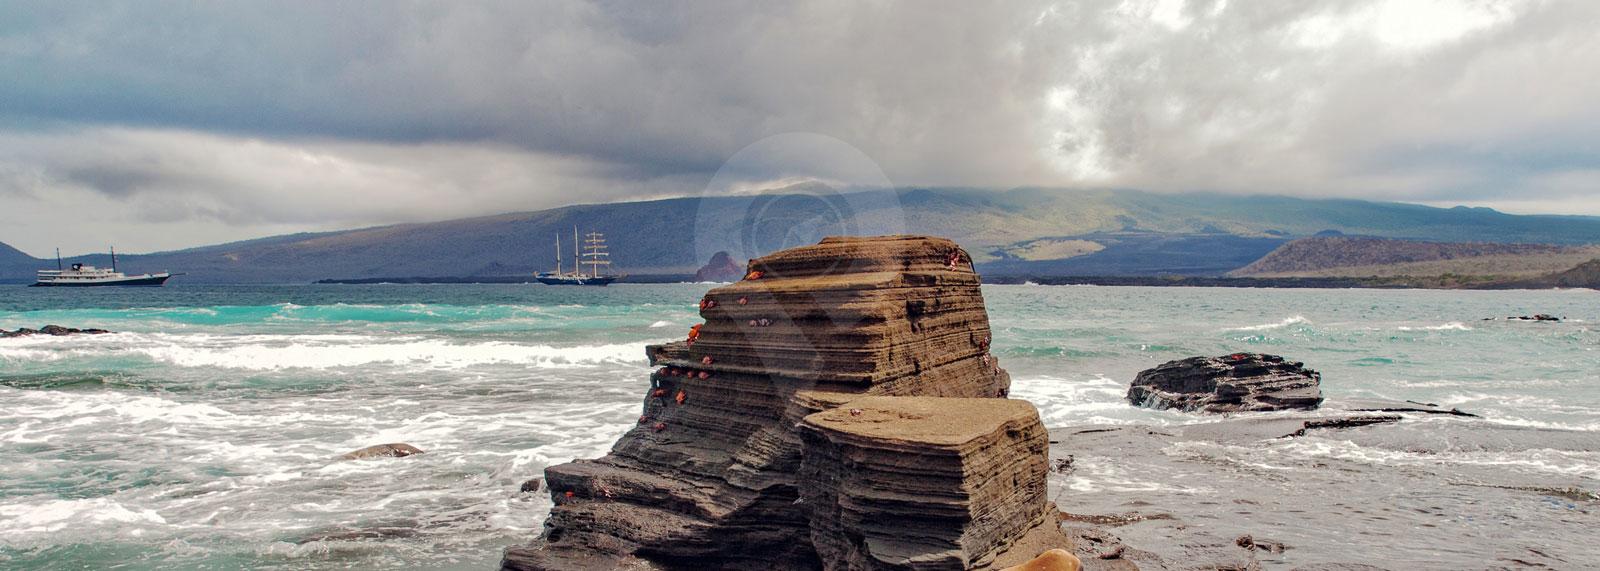 Galapagos Cruise Reviews